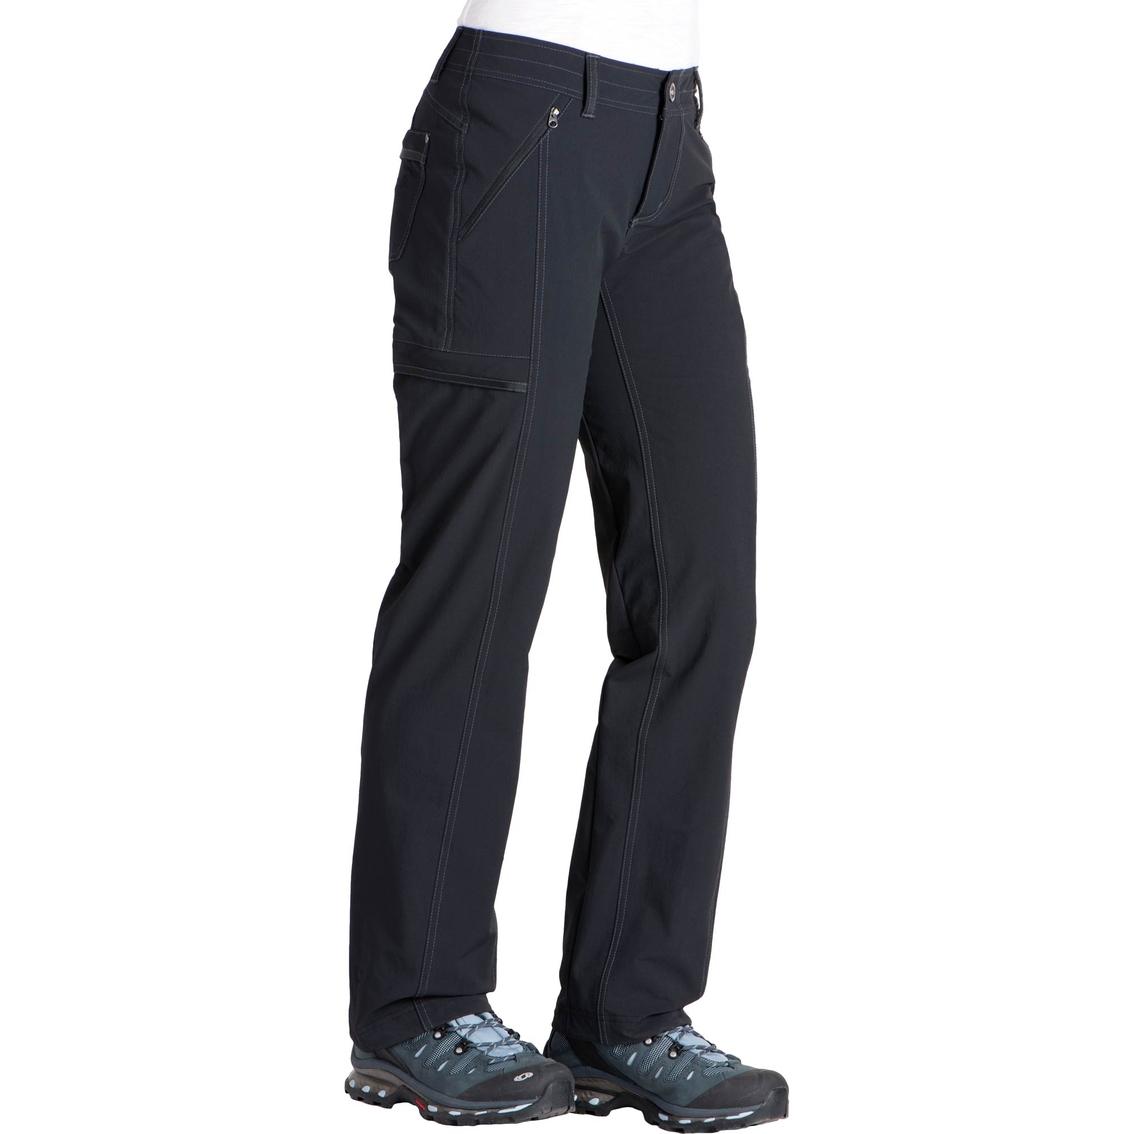 Kuhl Destroyr Pants Pants Clothing Accessories Shop The Exchange